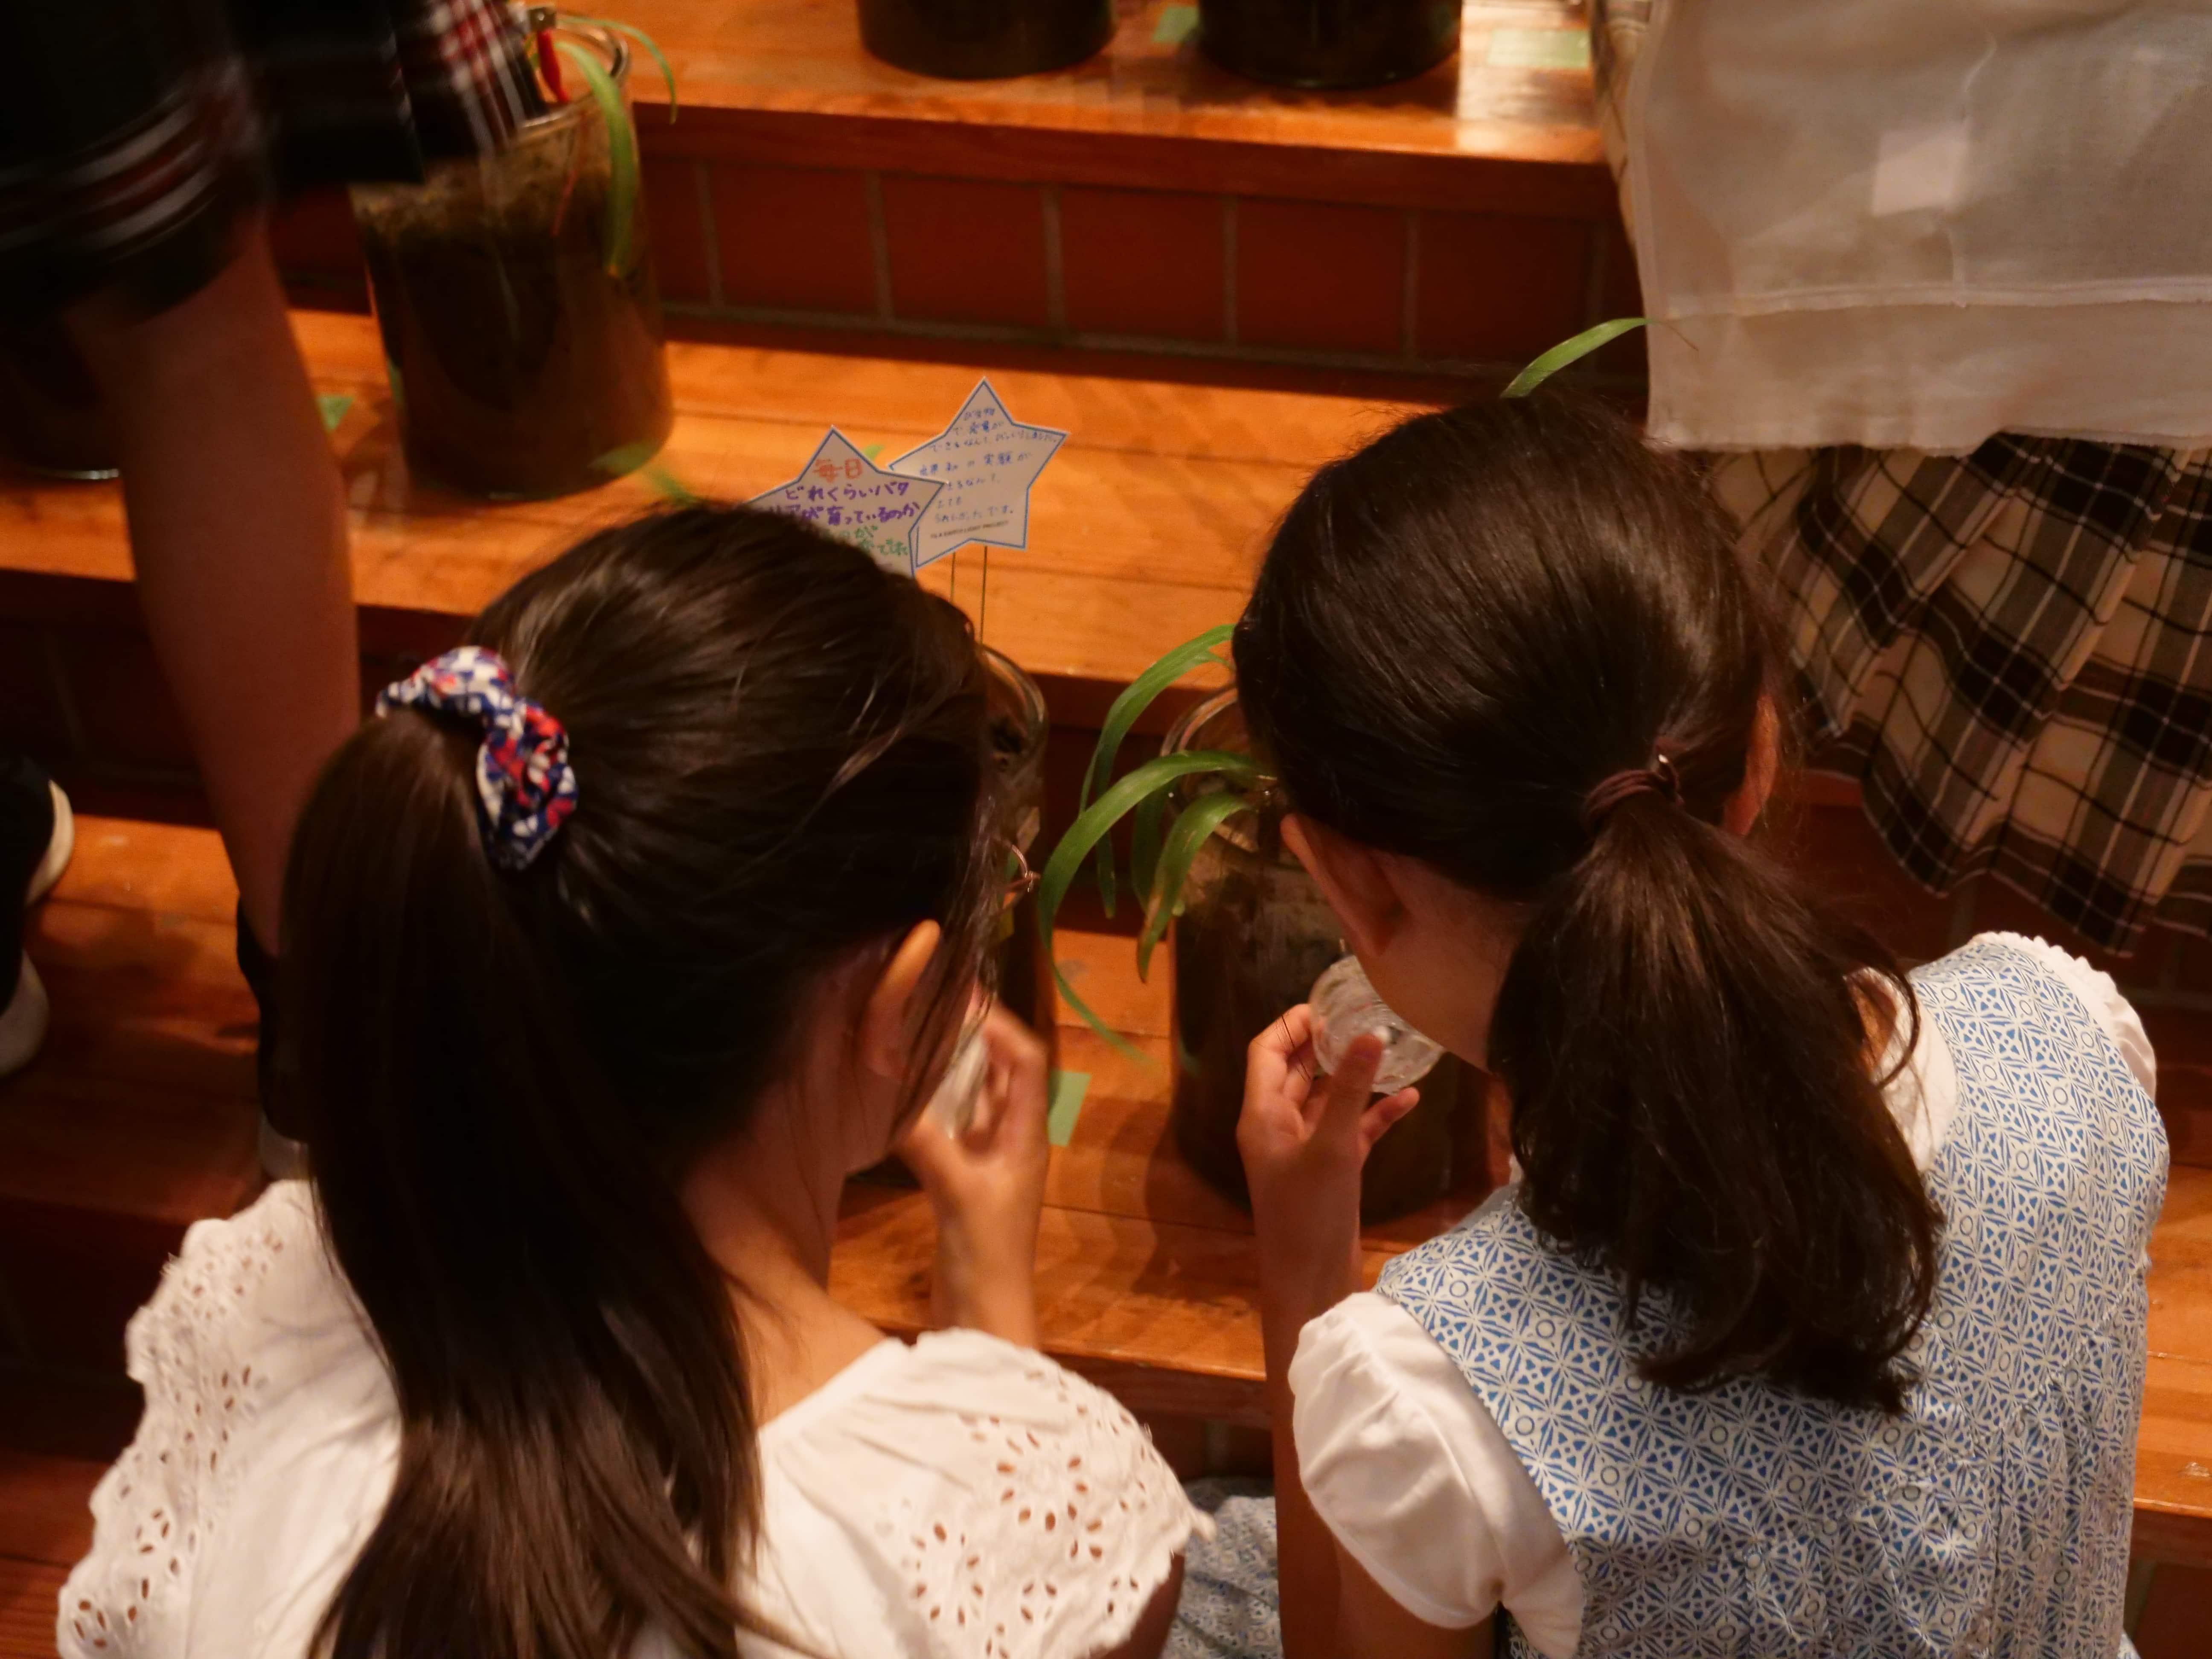 sensingnetの微生物発電技術を小学校のSTEAM教材として採用 -立教女子小学校